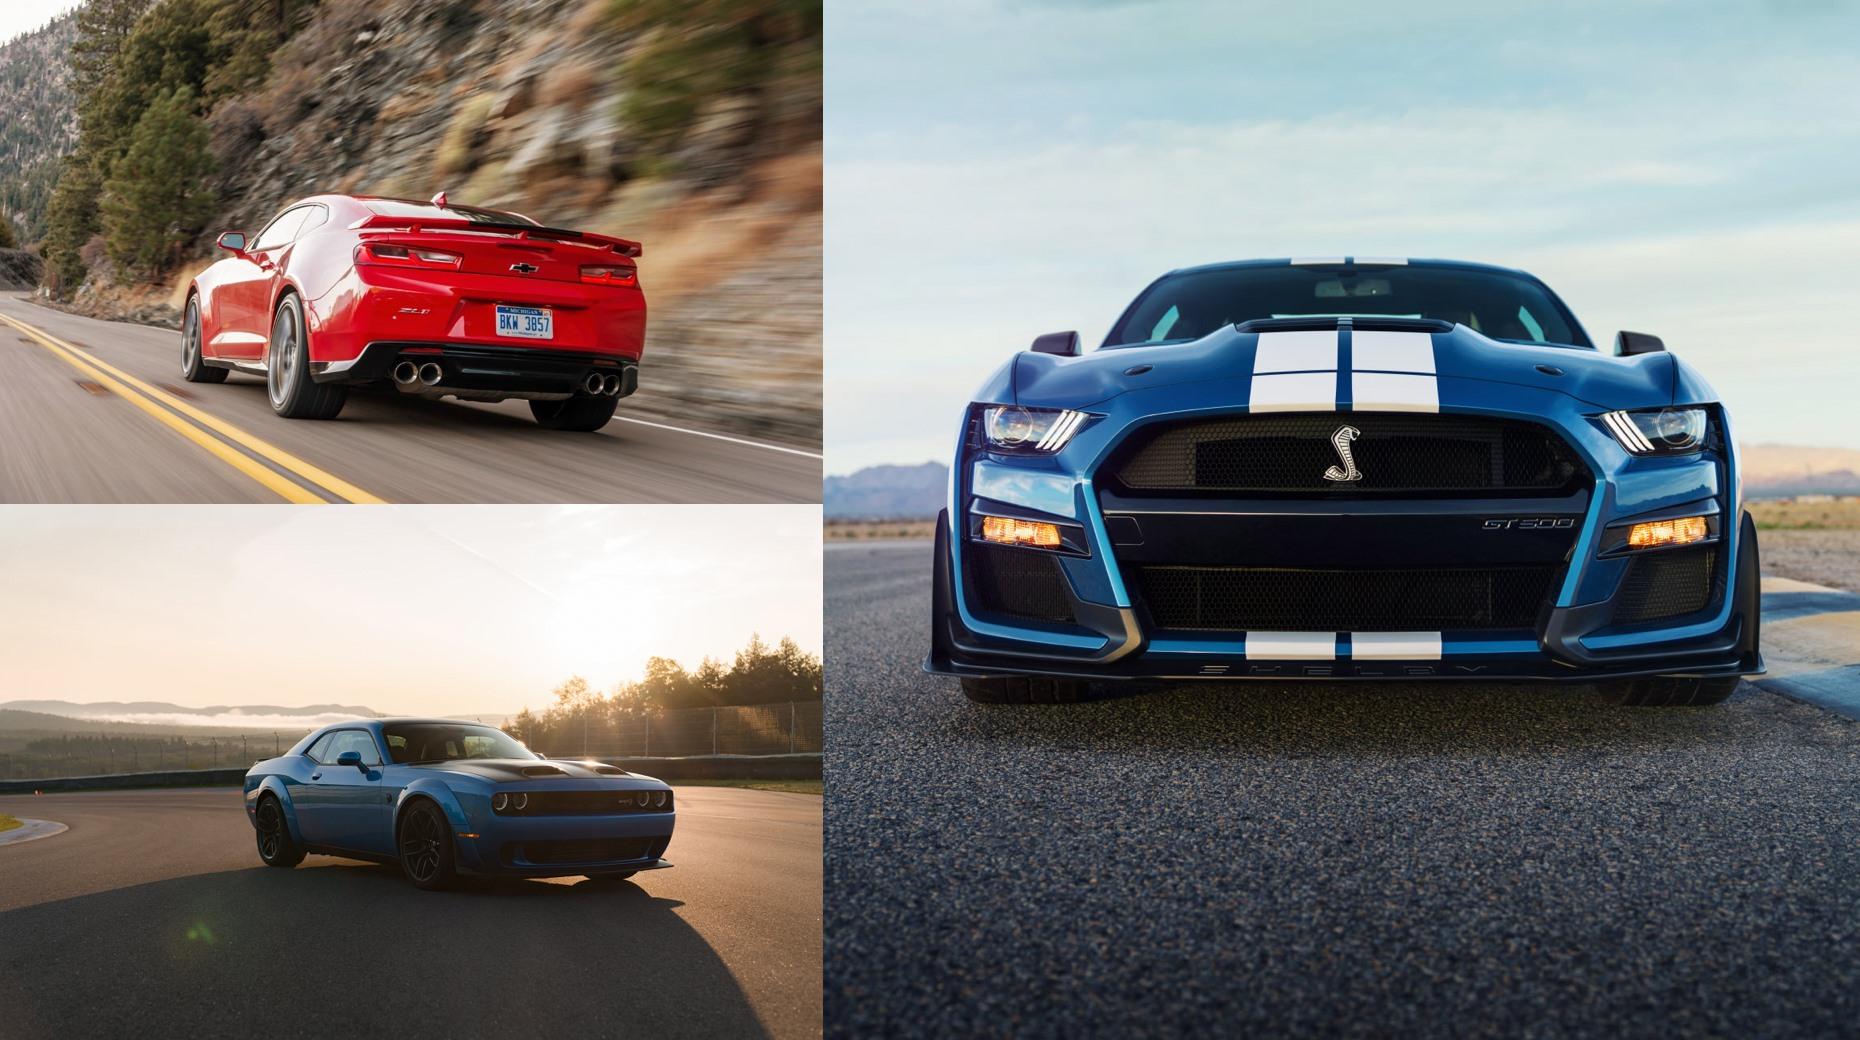 Shelby GT500 vs. su competencia: Challenger Hellcat Redeye y Camaro ZL1